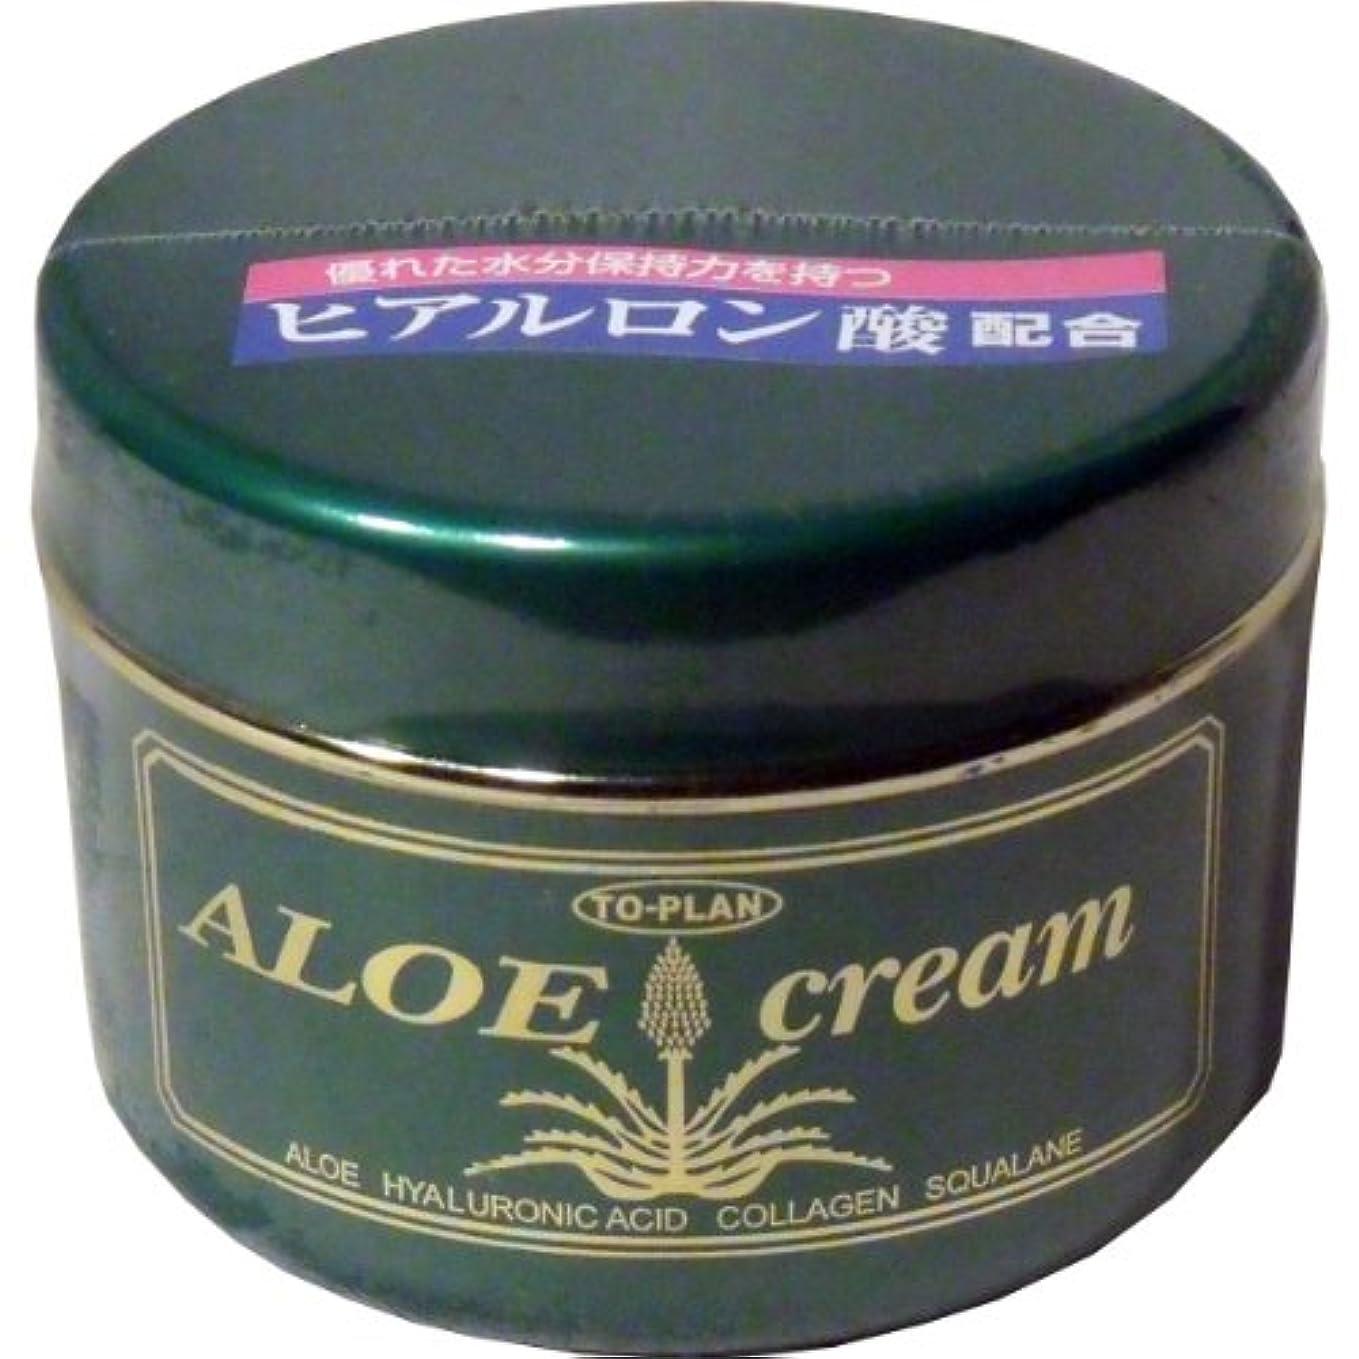 周り悪化させるとは異なりトプラン ハーブフレッシュクリーム(アロエクリーム) ヒアルロン酸 170g ×5個セット